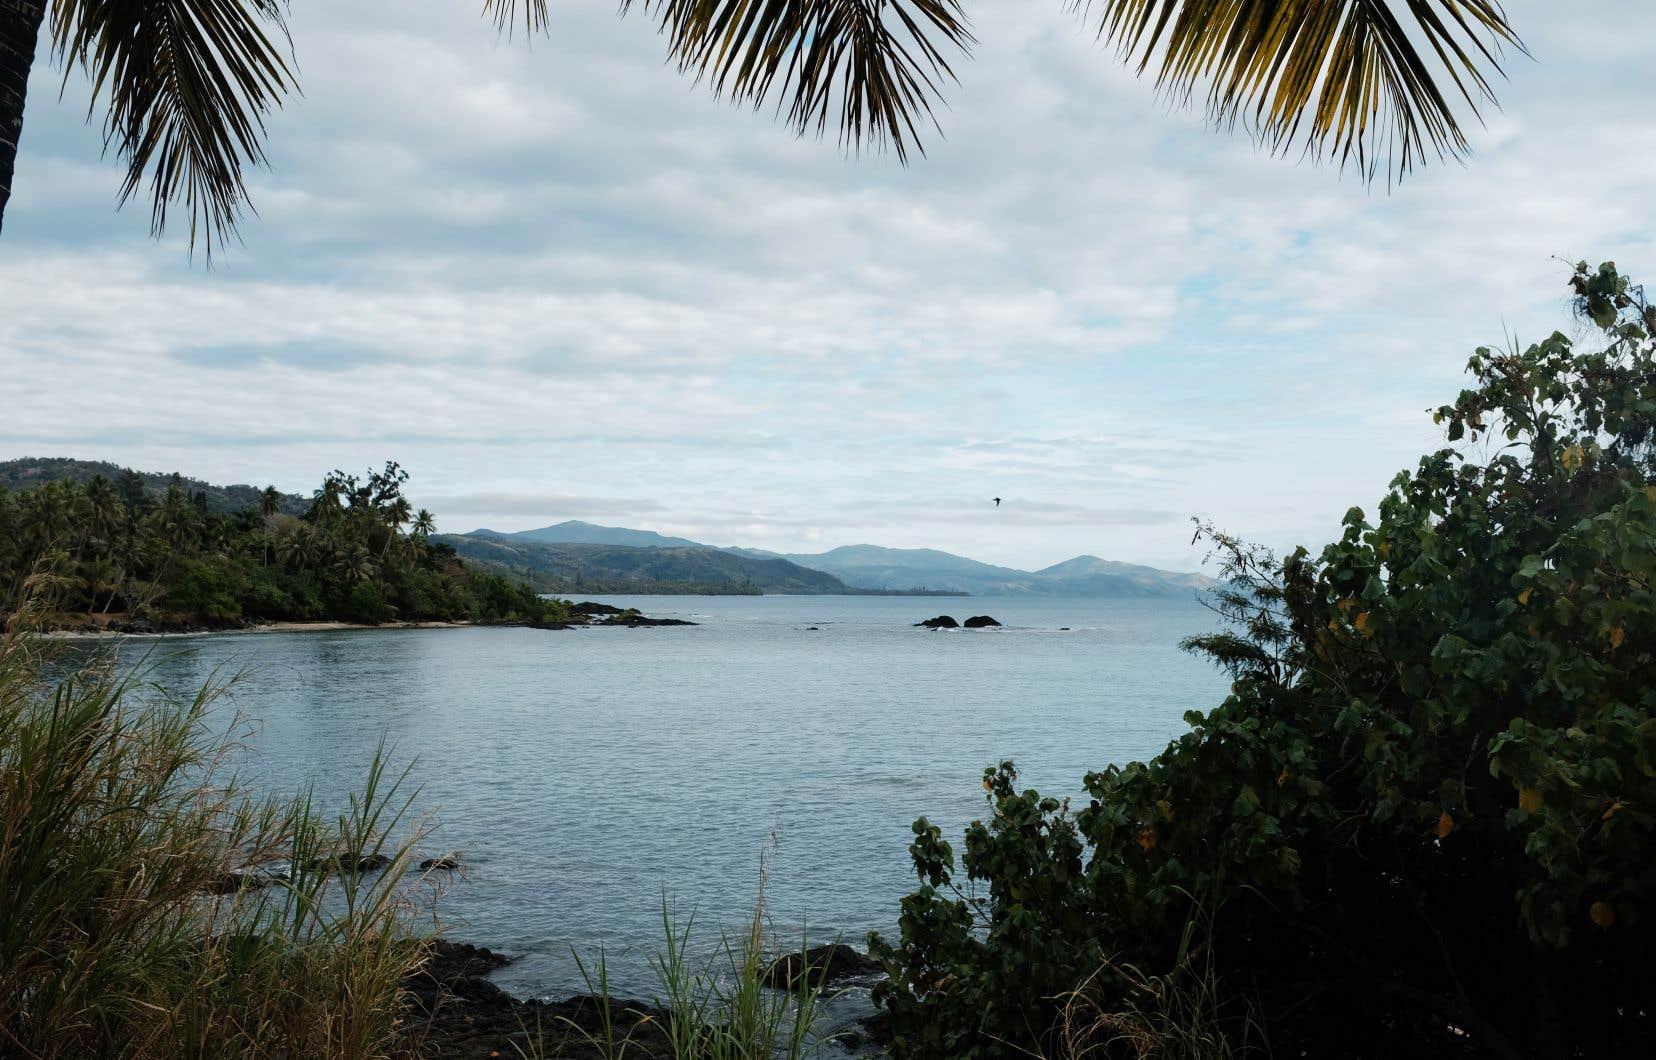 Les Néo-Calédoniens ont reçu des textos leur demandant de se mettre immédiatement à l'abri tandis que le PTWC mettait en garde contre des vagues de tsunami pouvant aller jusqu'à trois mètres.